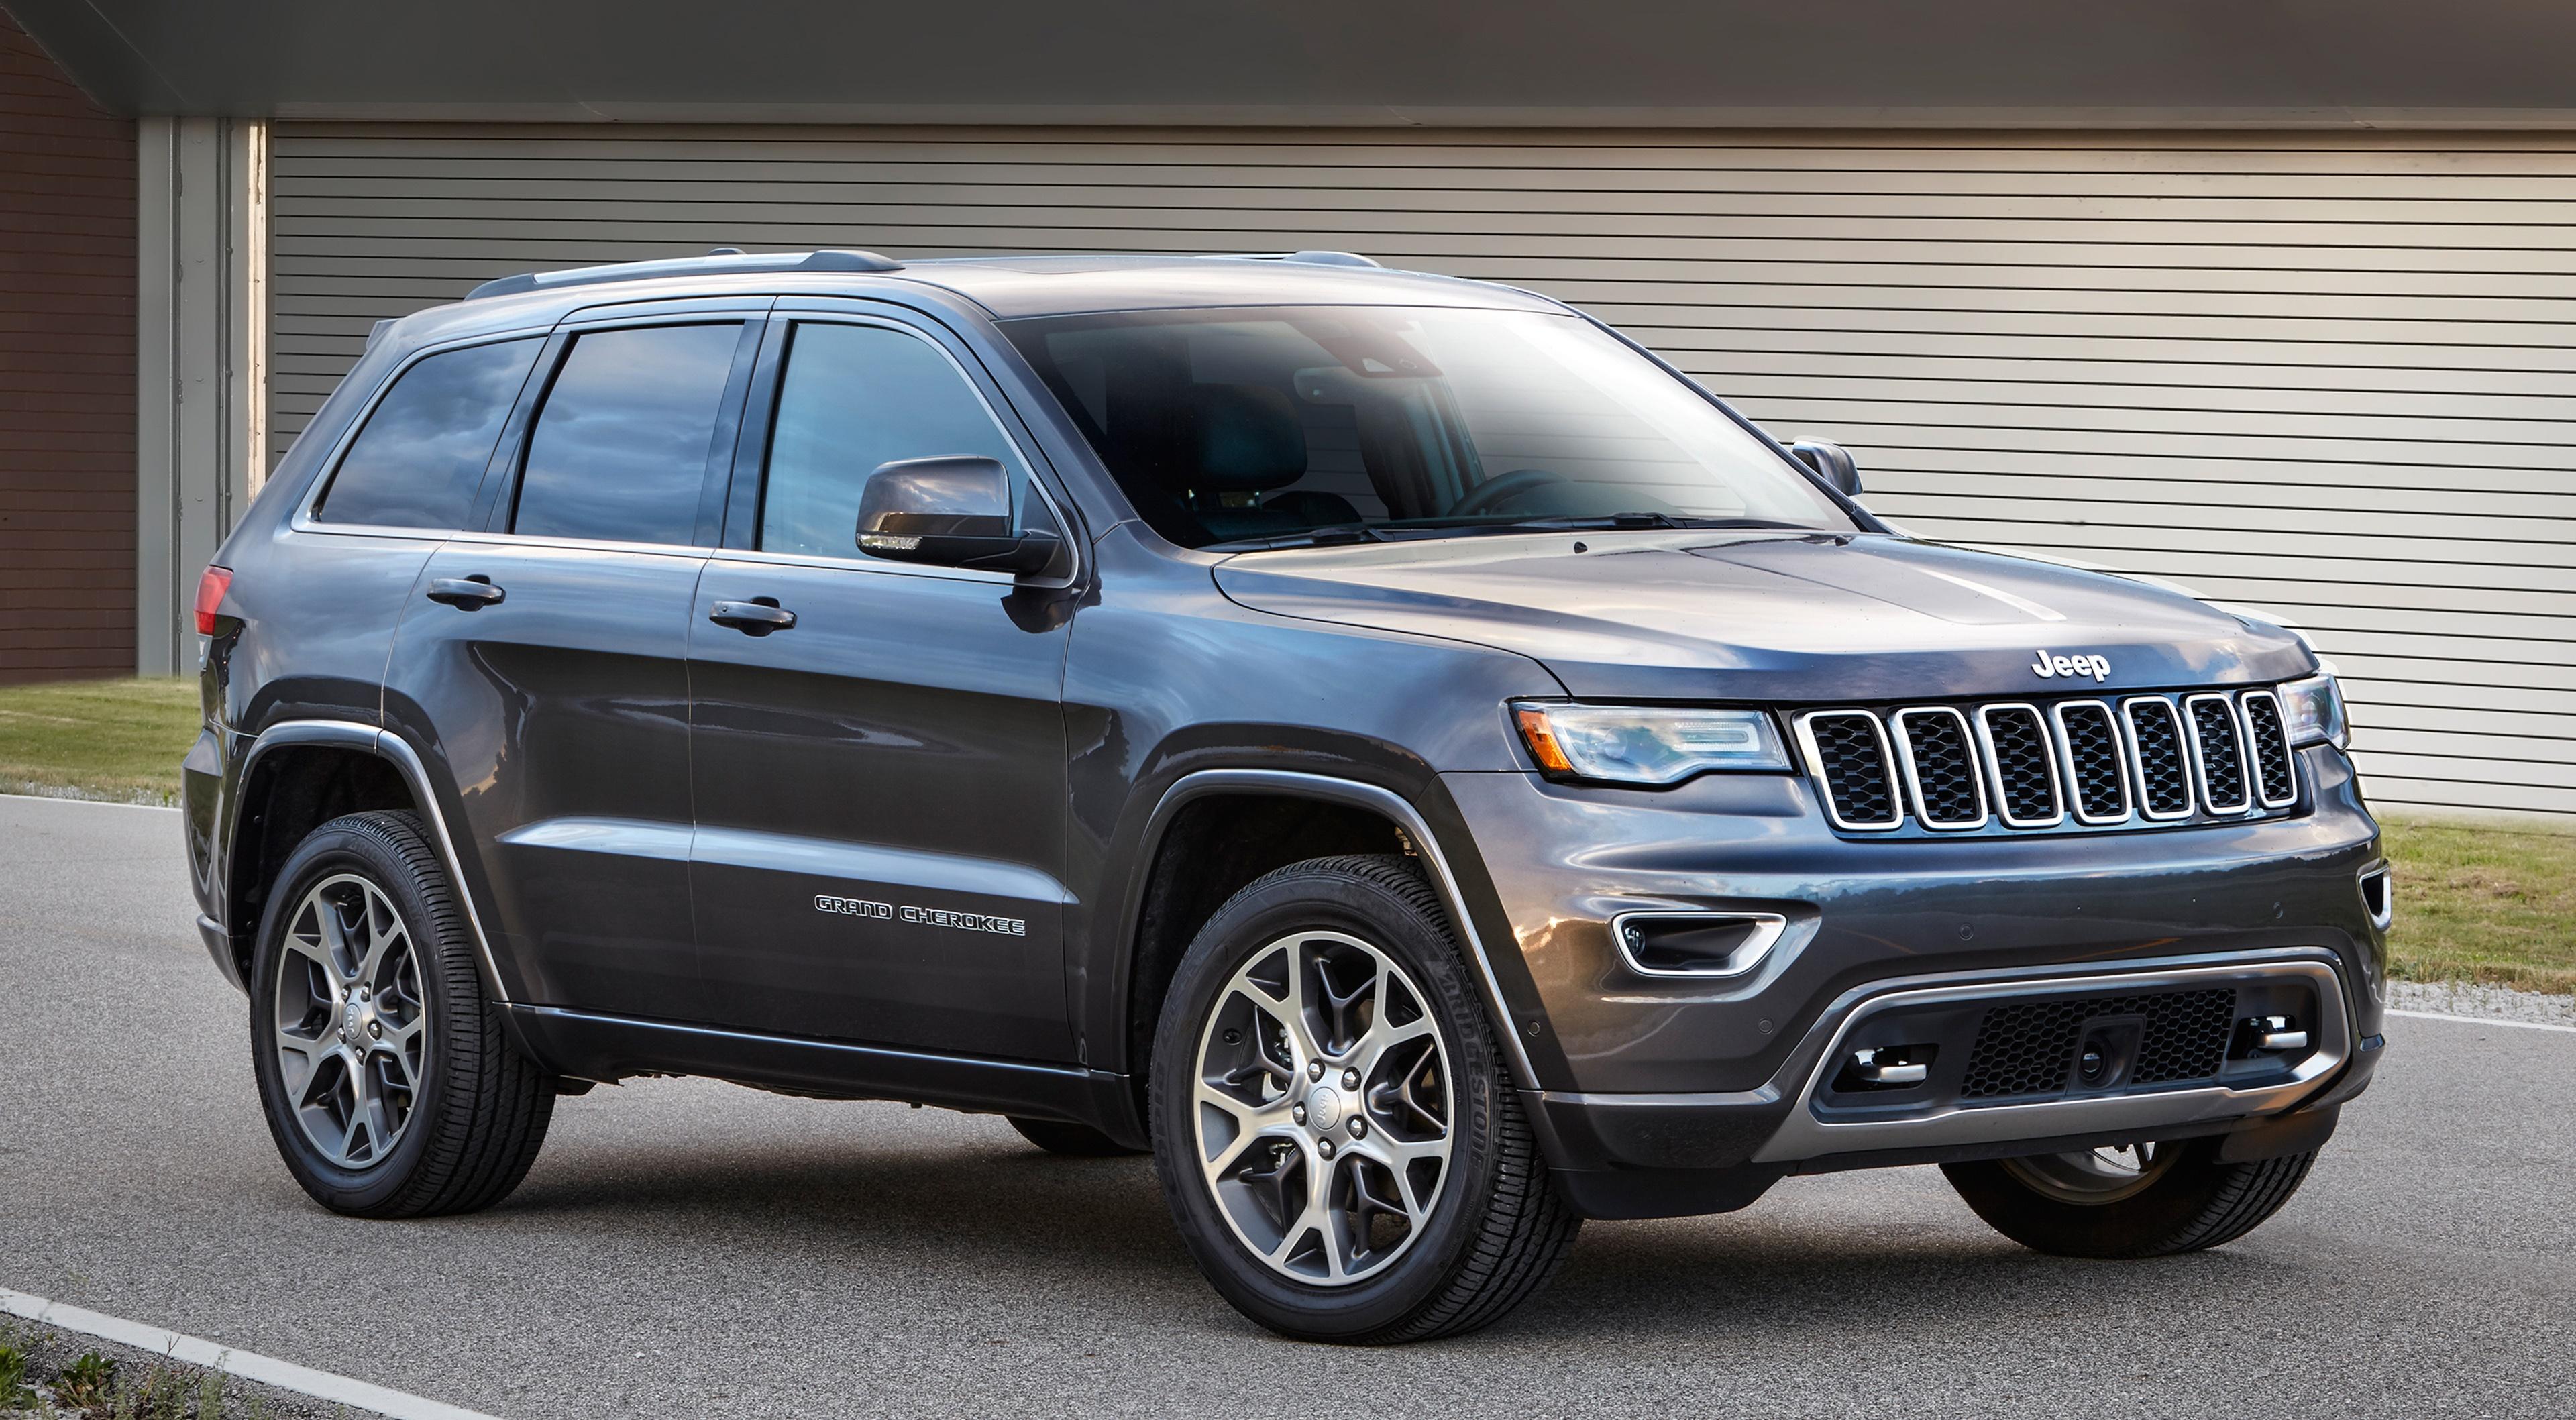 Фотографии Джип Внедорожник Grand Cherokee, Sterling Edition, 2017 Серый машины 3840x2117 Jeep SUV серая серые авто машина Автомобили автомобиль